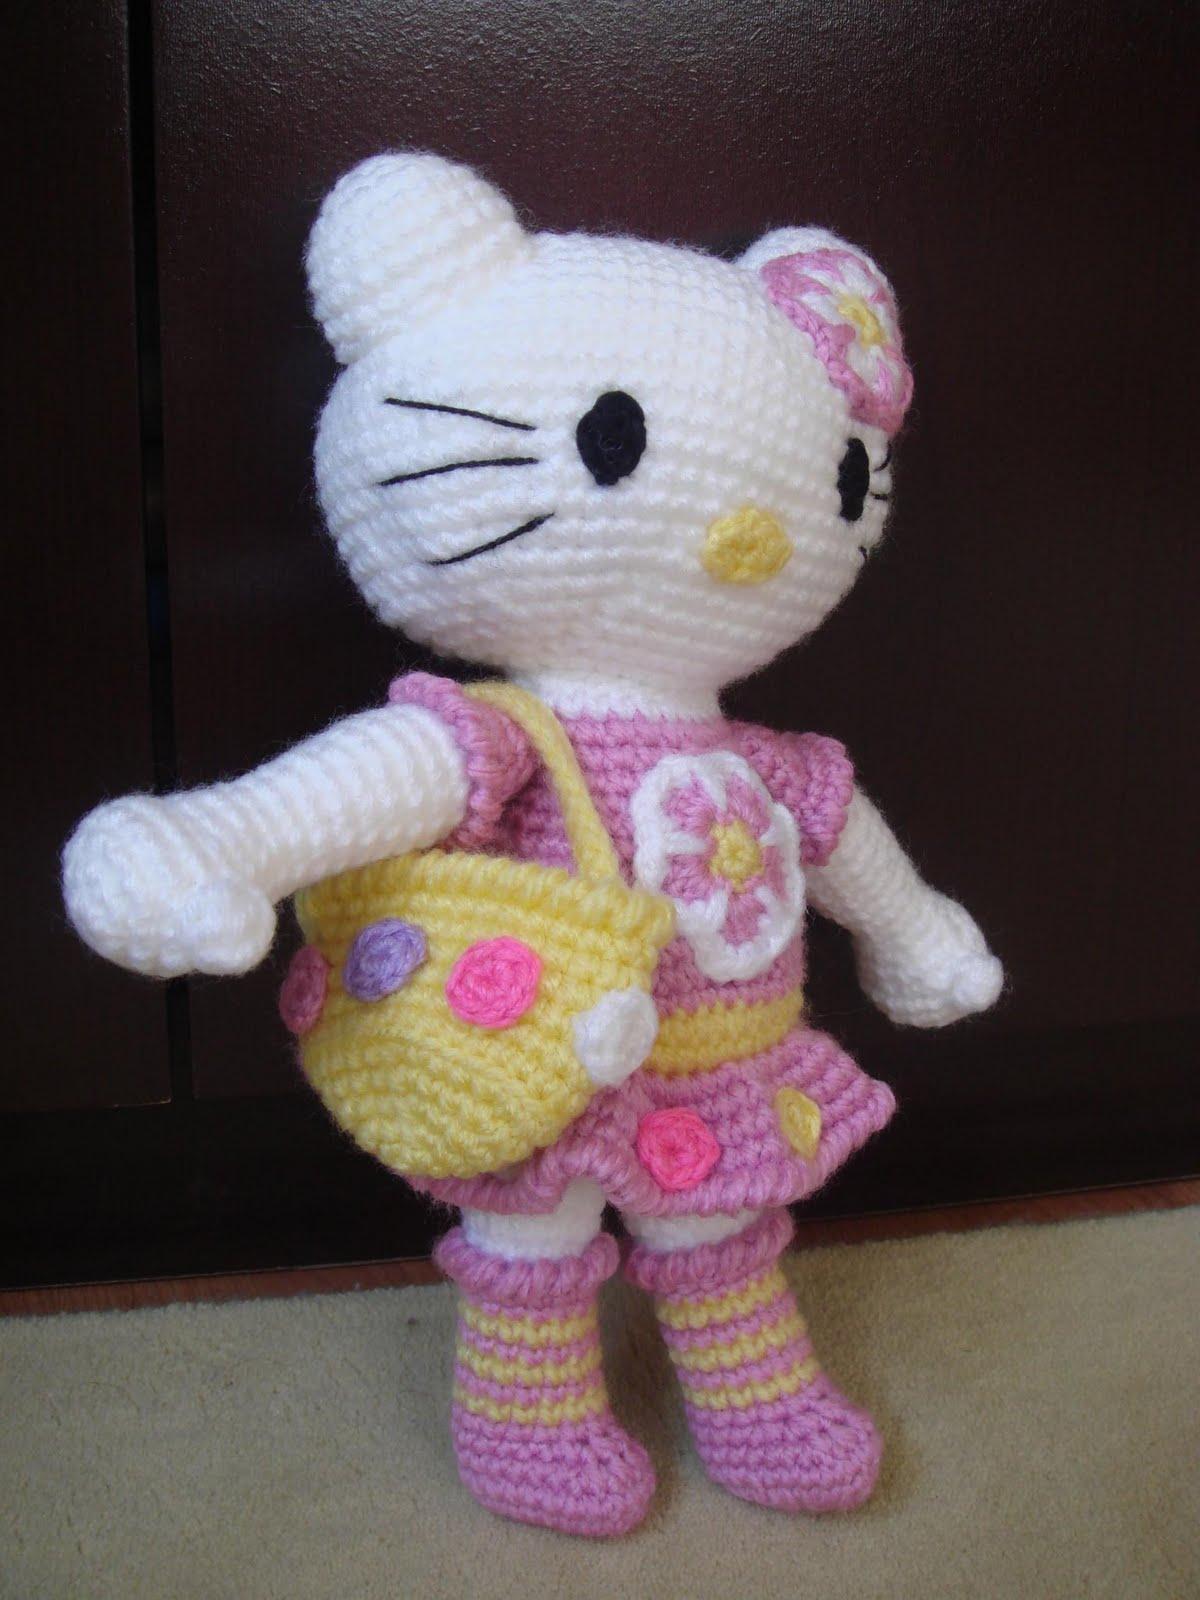 cocuklarin Neseli Dunyasi: Beyzanin cantali Hello Kittysi